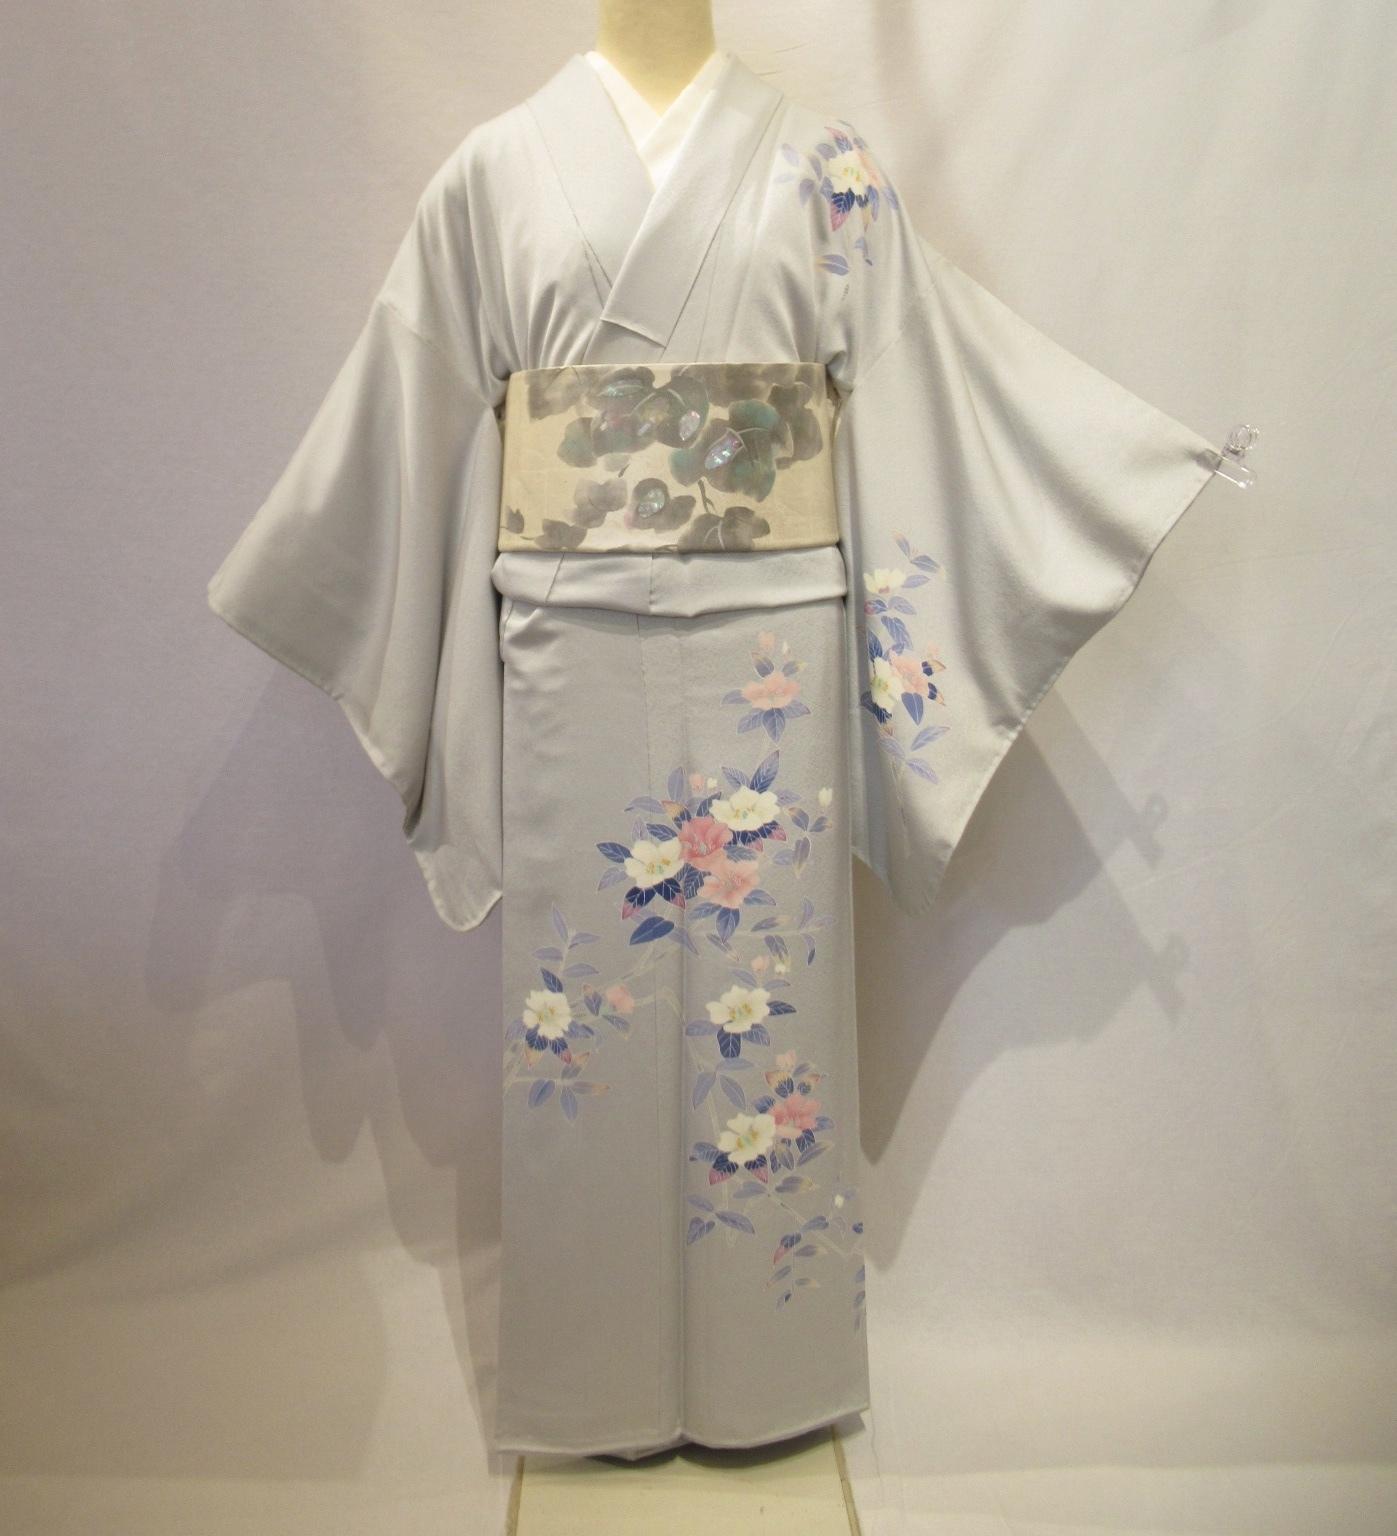 1941加賀友禅訪問着と螺鈿袋帯セット